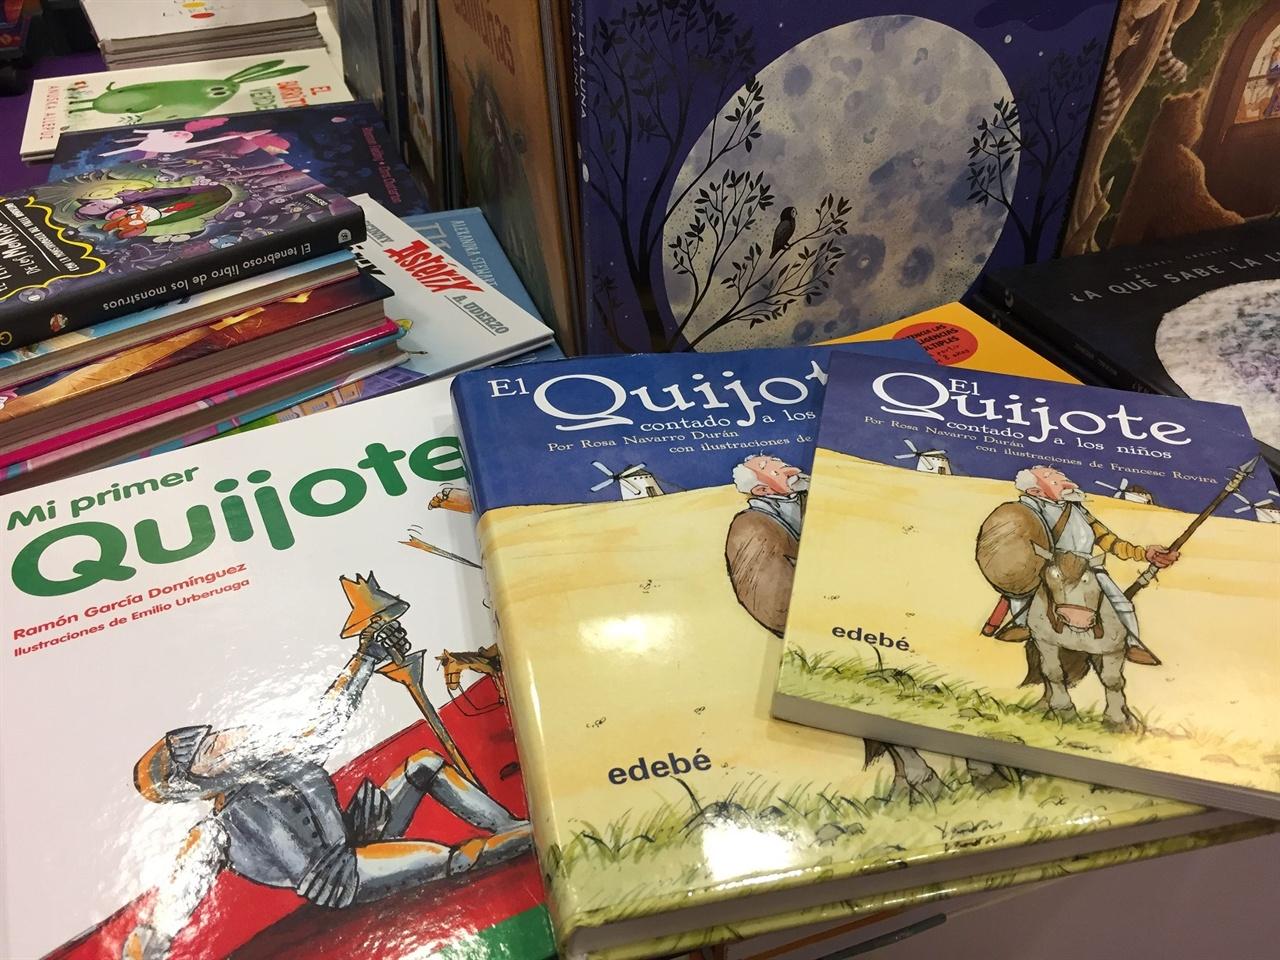 어린이를 위한 돈키호테를 샀습니다.  돈키호테를 사고 싶었는데, 더듬거리는 스페인어로는 원본은 자신이 없어서, '어린이를 위한 돈키호테'를 한 권 데려왔습니다.